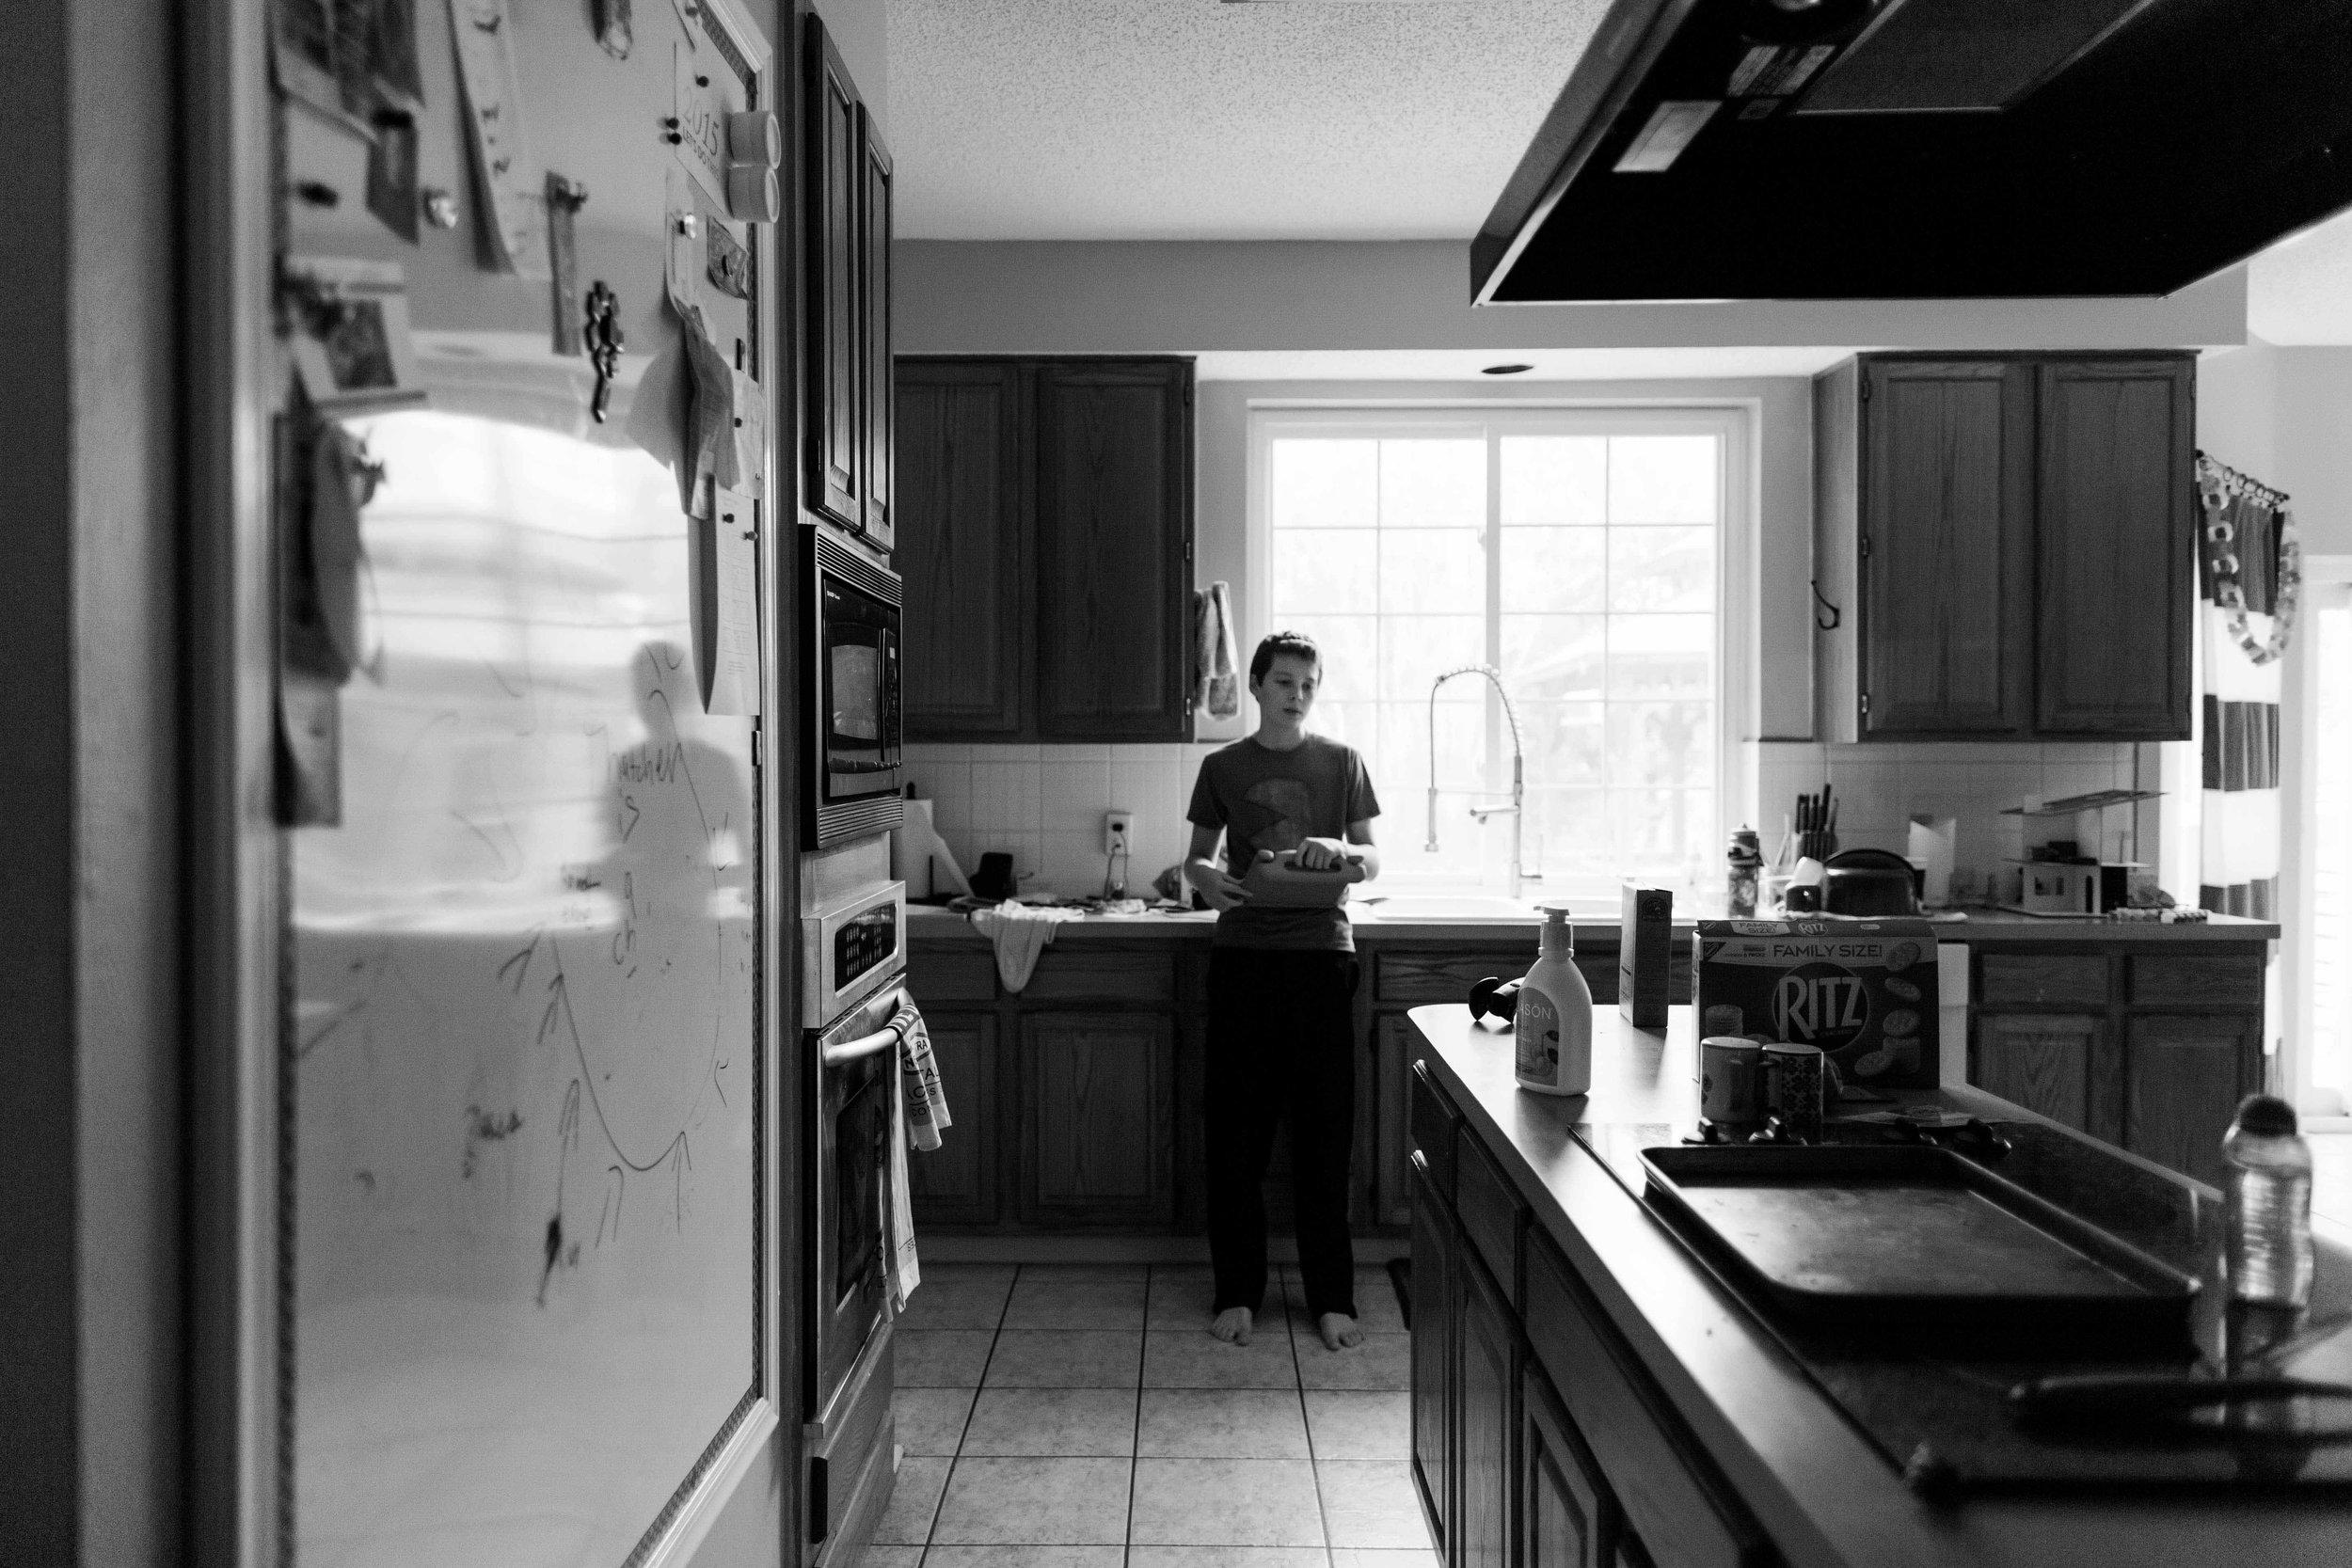 McClureNYE2015_monicamcneillphotography-34.jpg